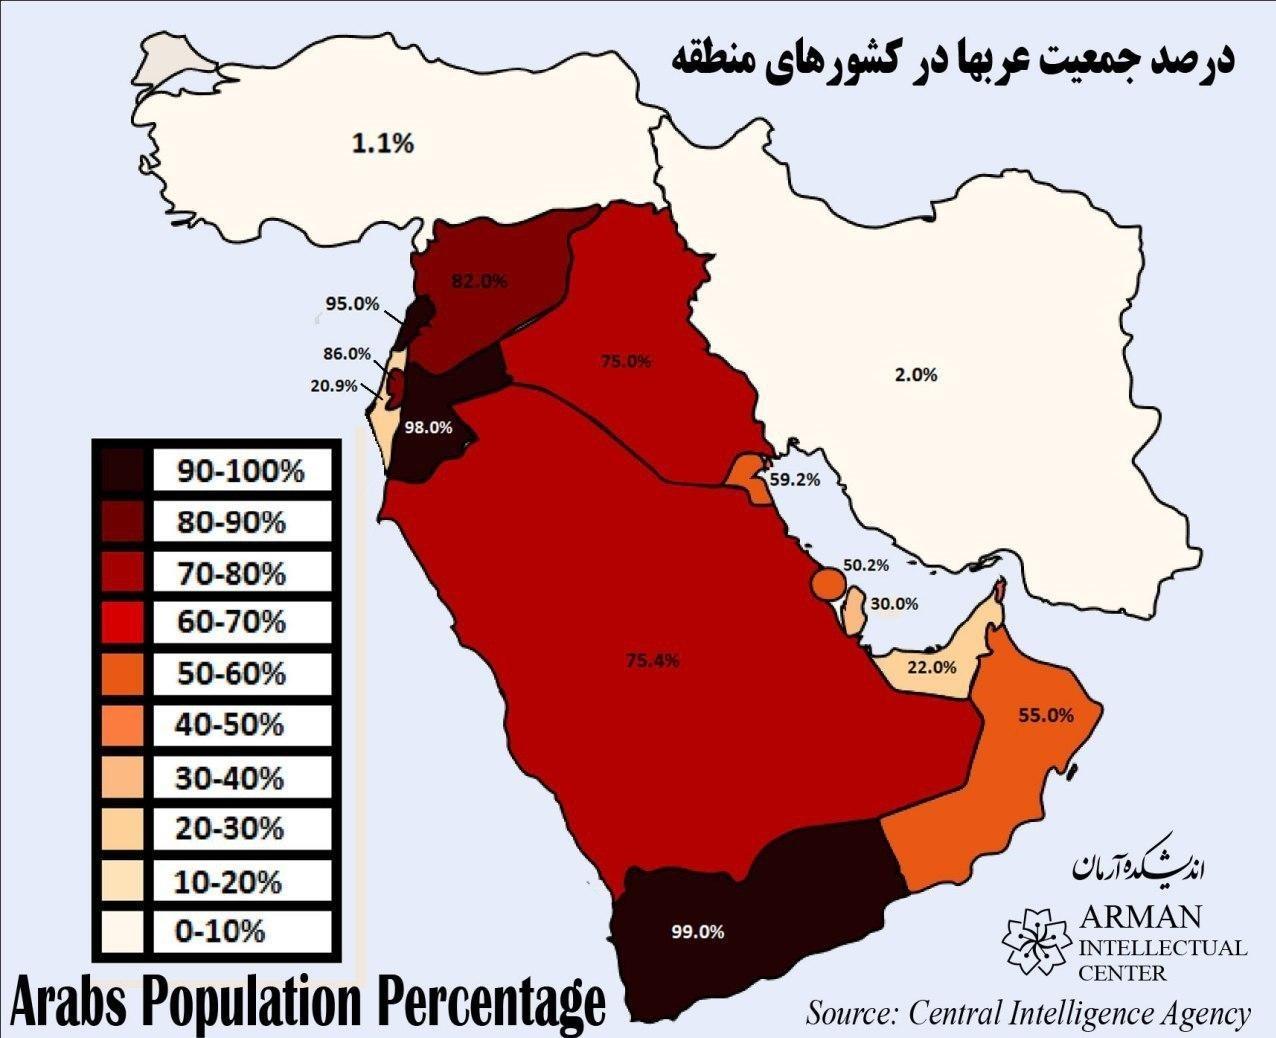 کاهش جمعیت , سیاستهای تشویقی برای فرزندآوری , کشور امارات متحده عربی , اتحادیه عرب | اتحادیه کشورهای عربی ,